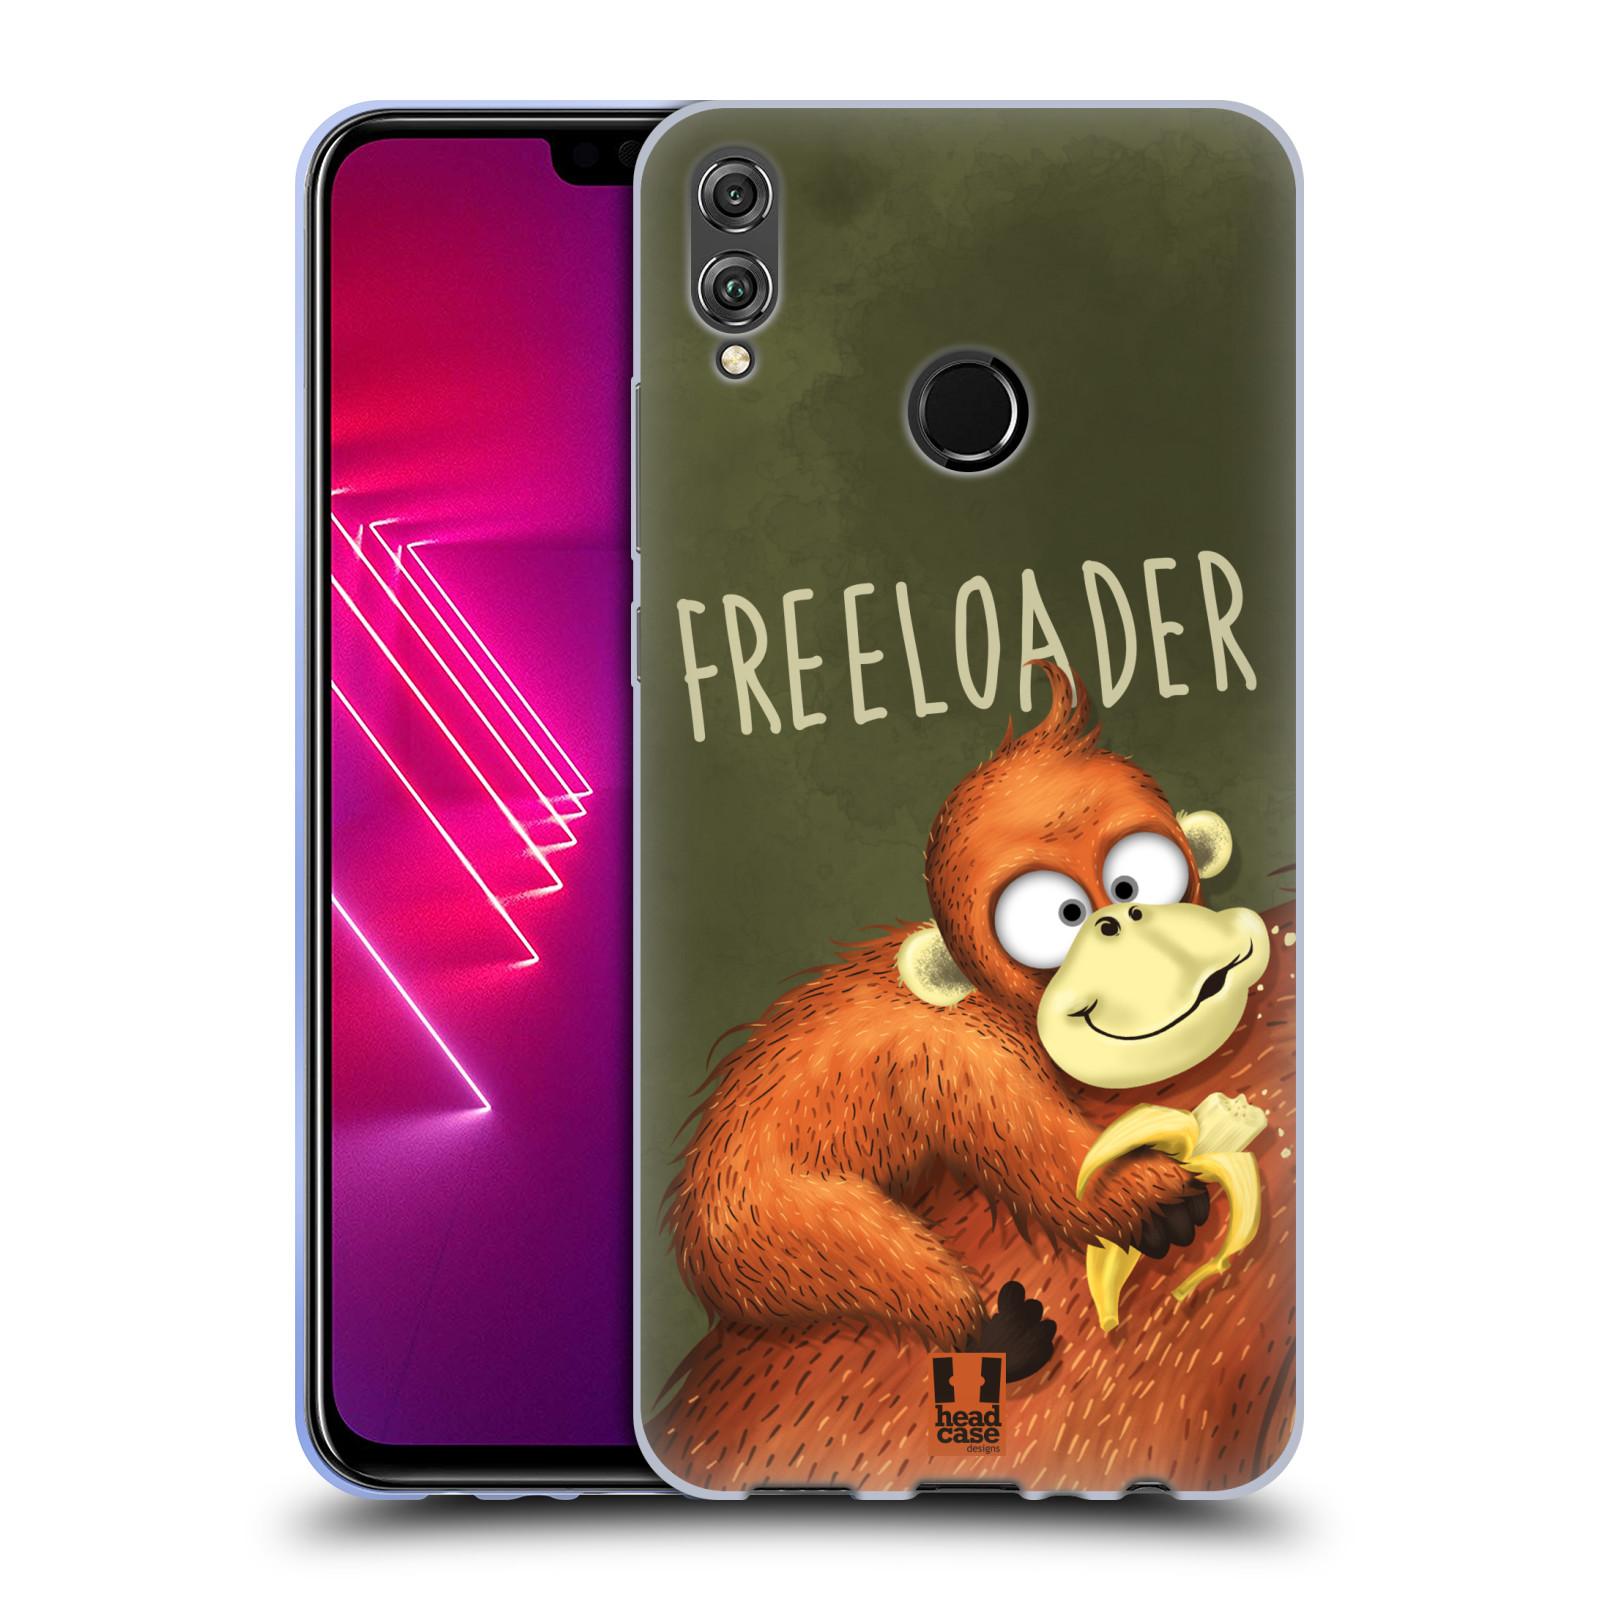 Silikonové pouzdro na mobil Honor View 10 Lite - Head Case - Opičák Freeloader